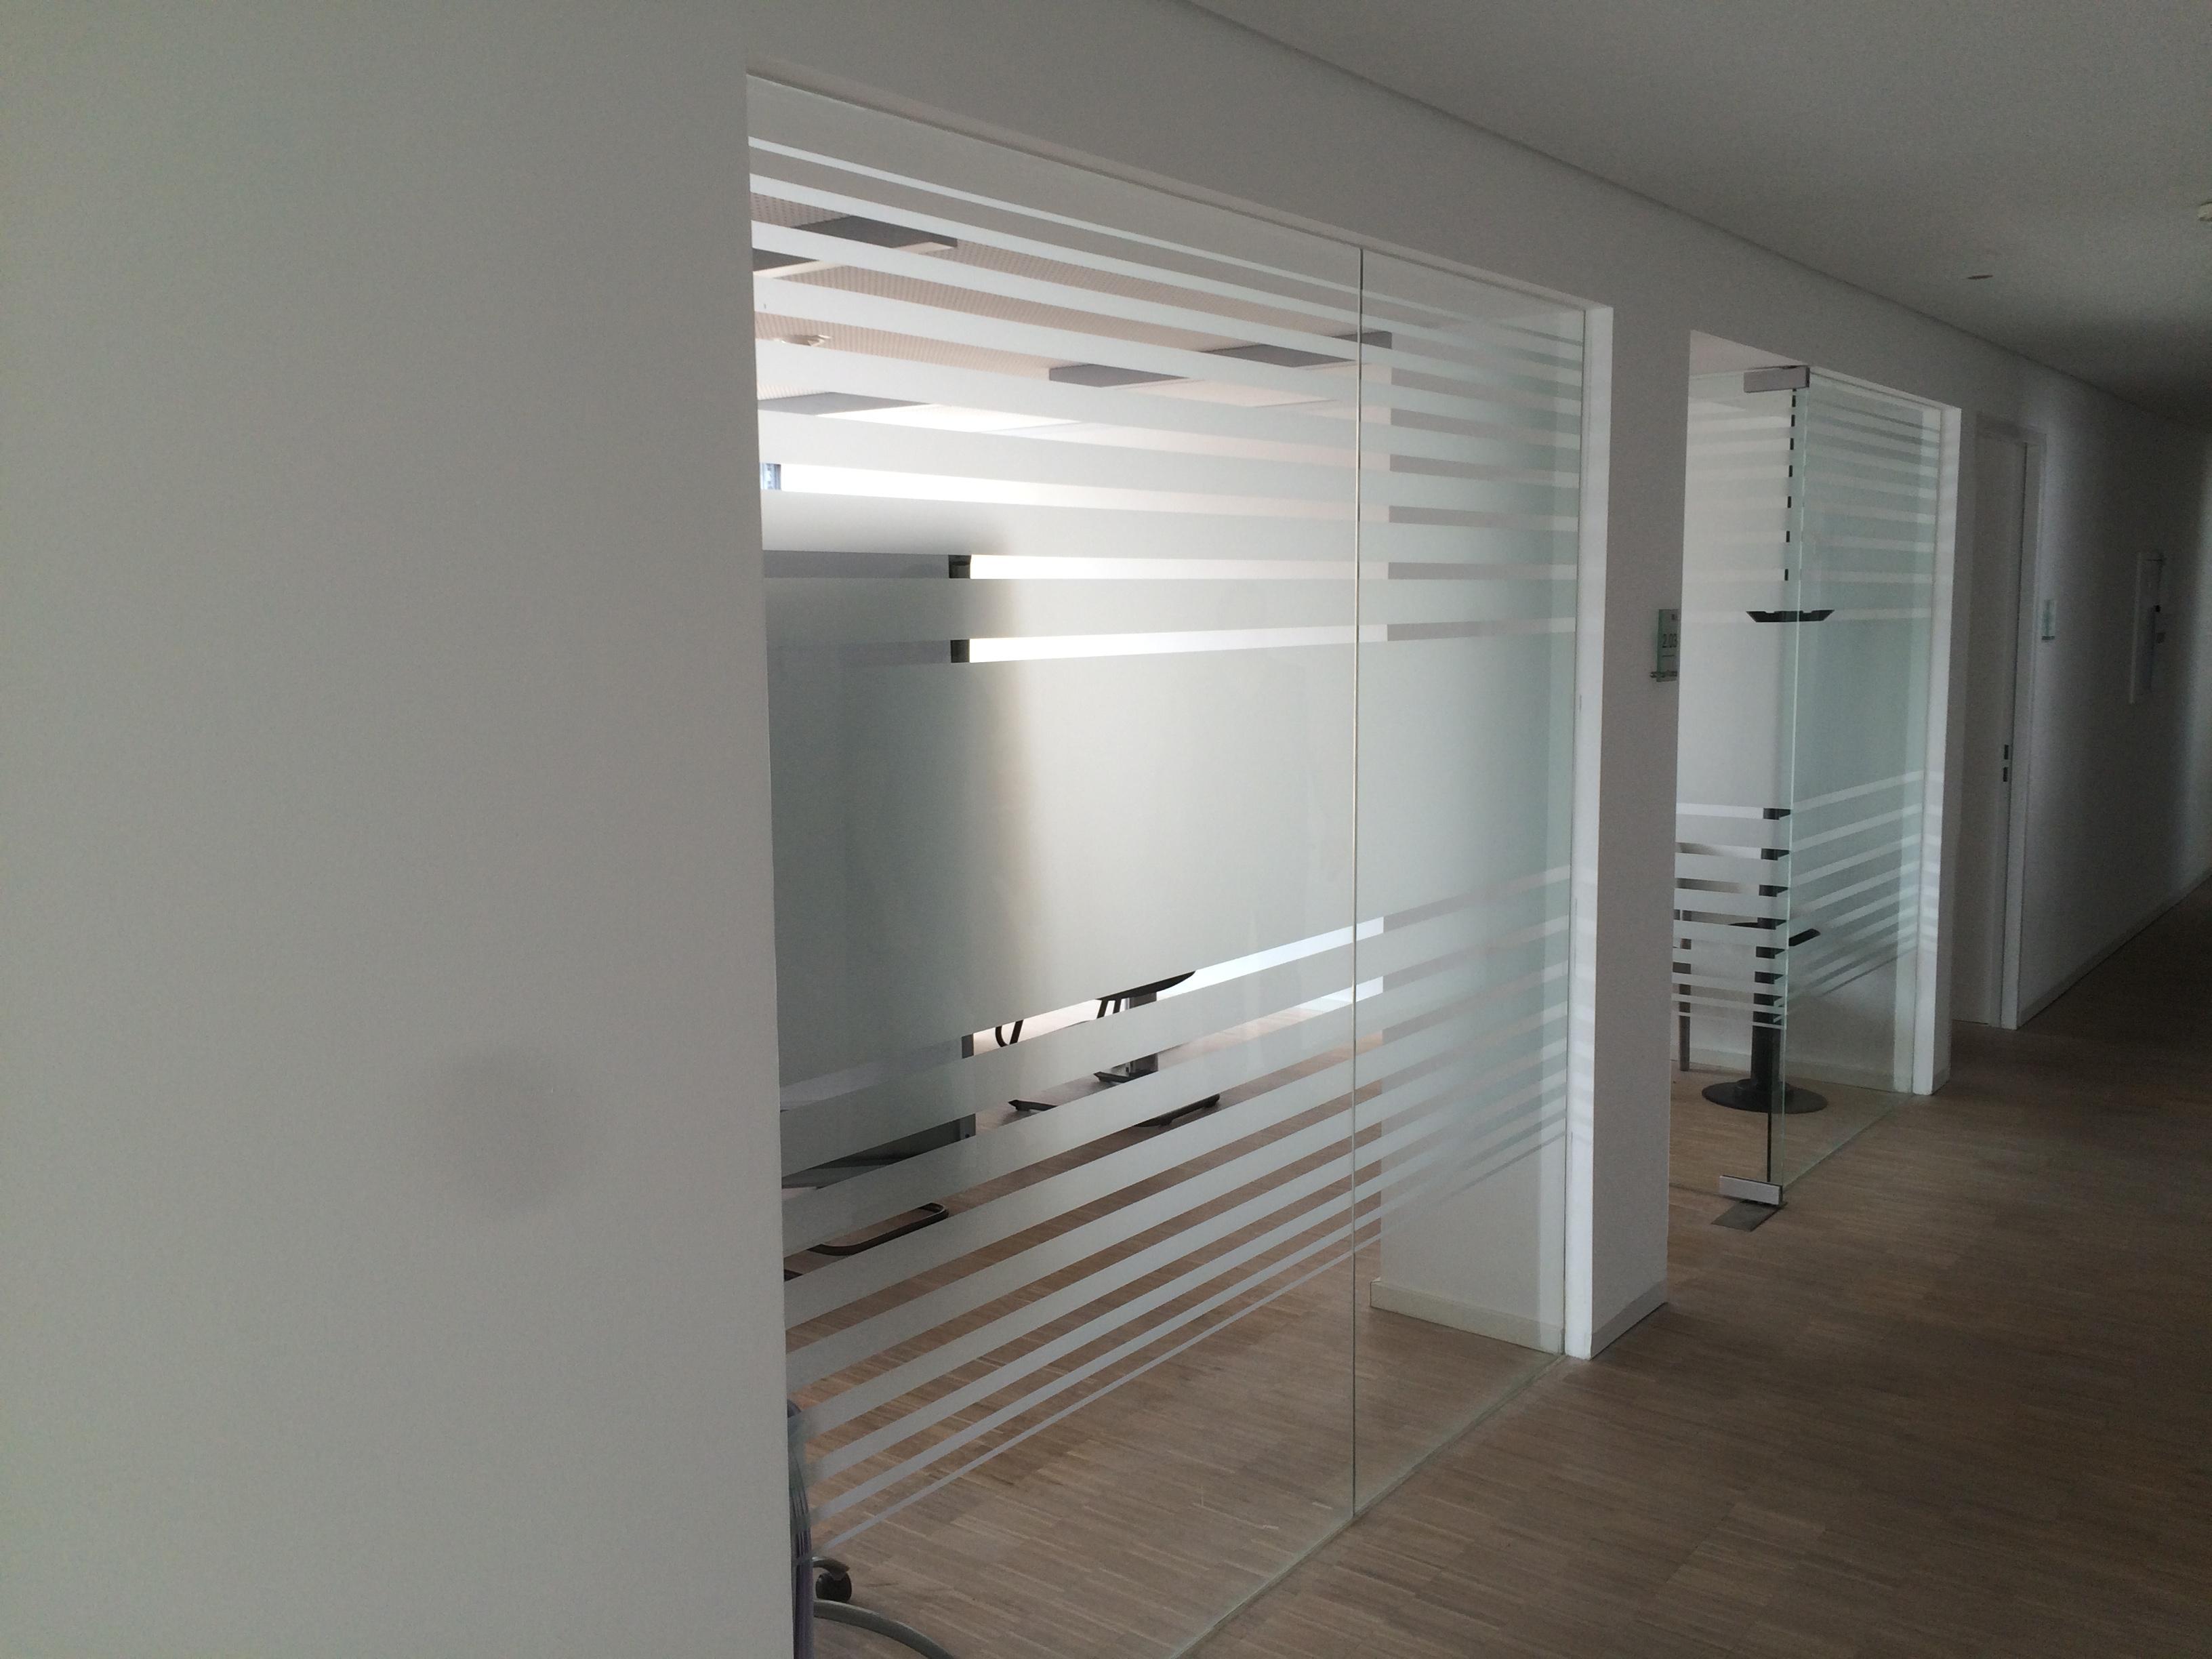 sichtschutz aus glasdekorfolie fontfront. Black Bedroom Furniture Sets. Home Design Ideas